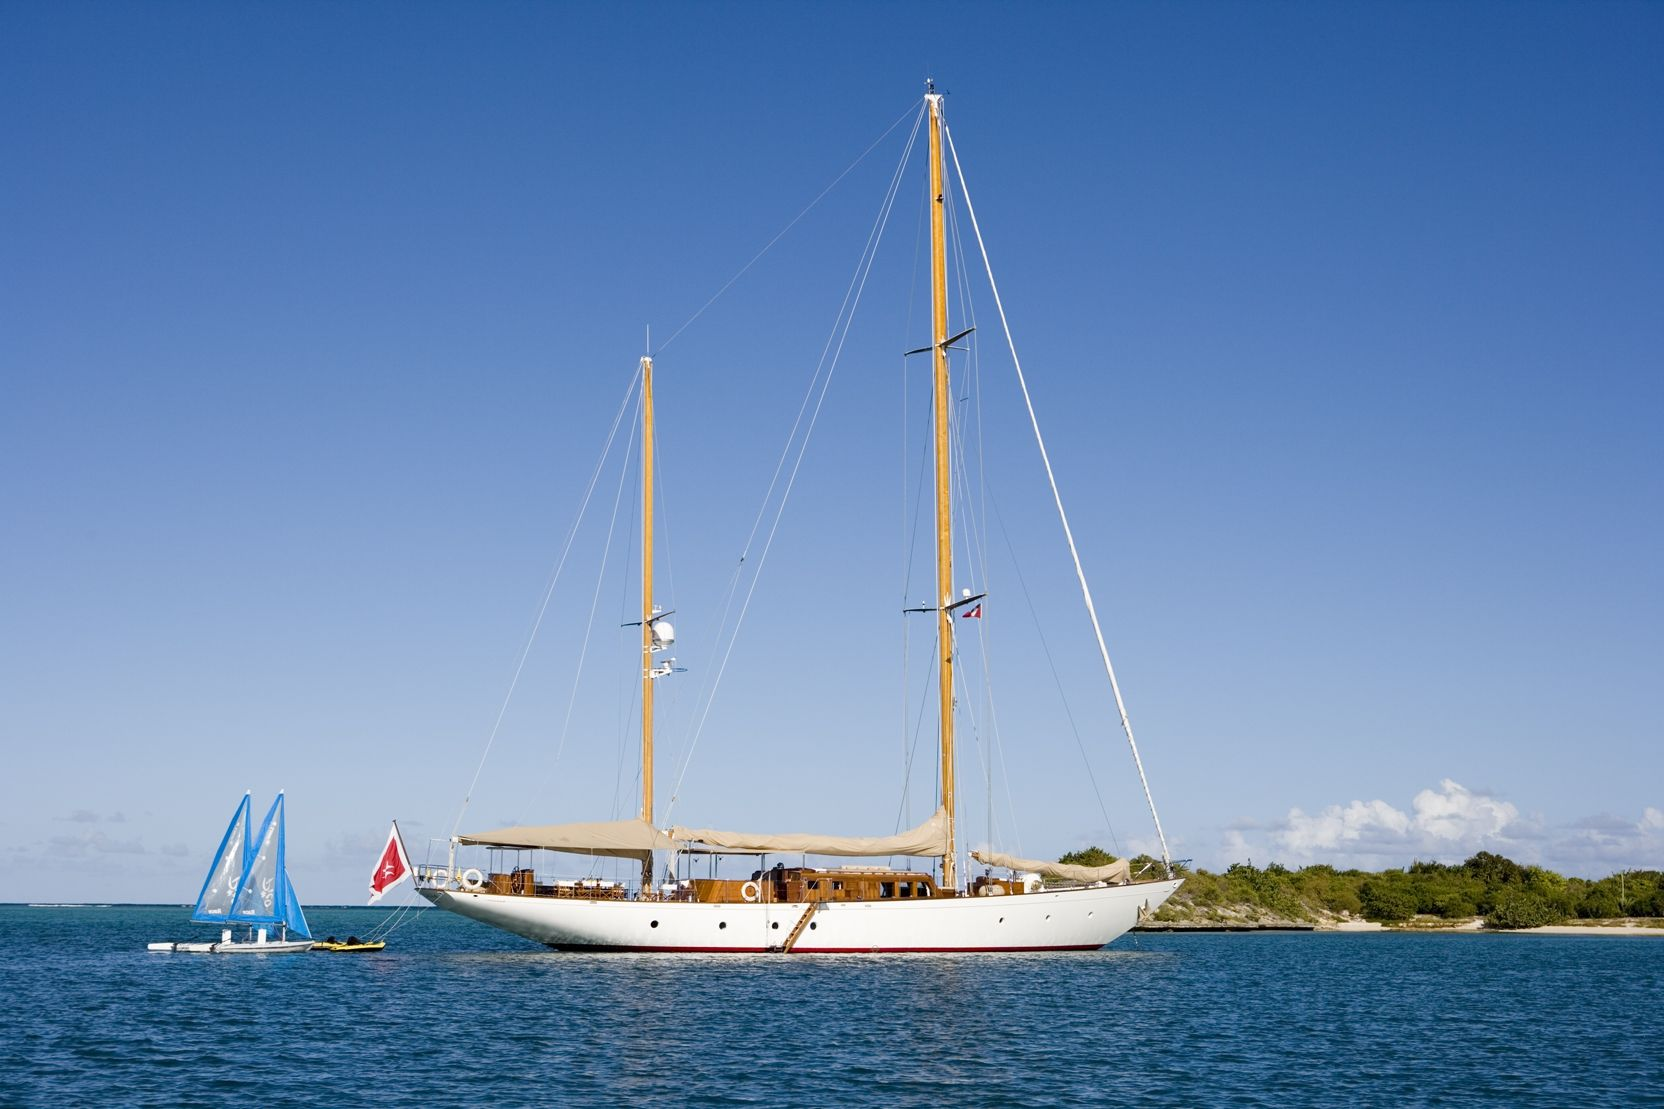 TIZIANA Abeking & Rasmussen 116 Luxury Sailing Yacht Anchored